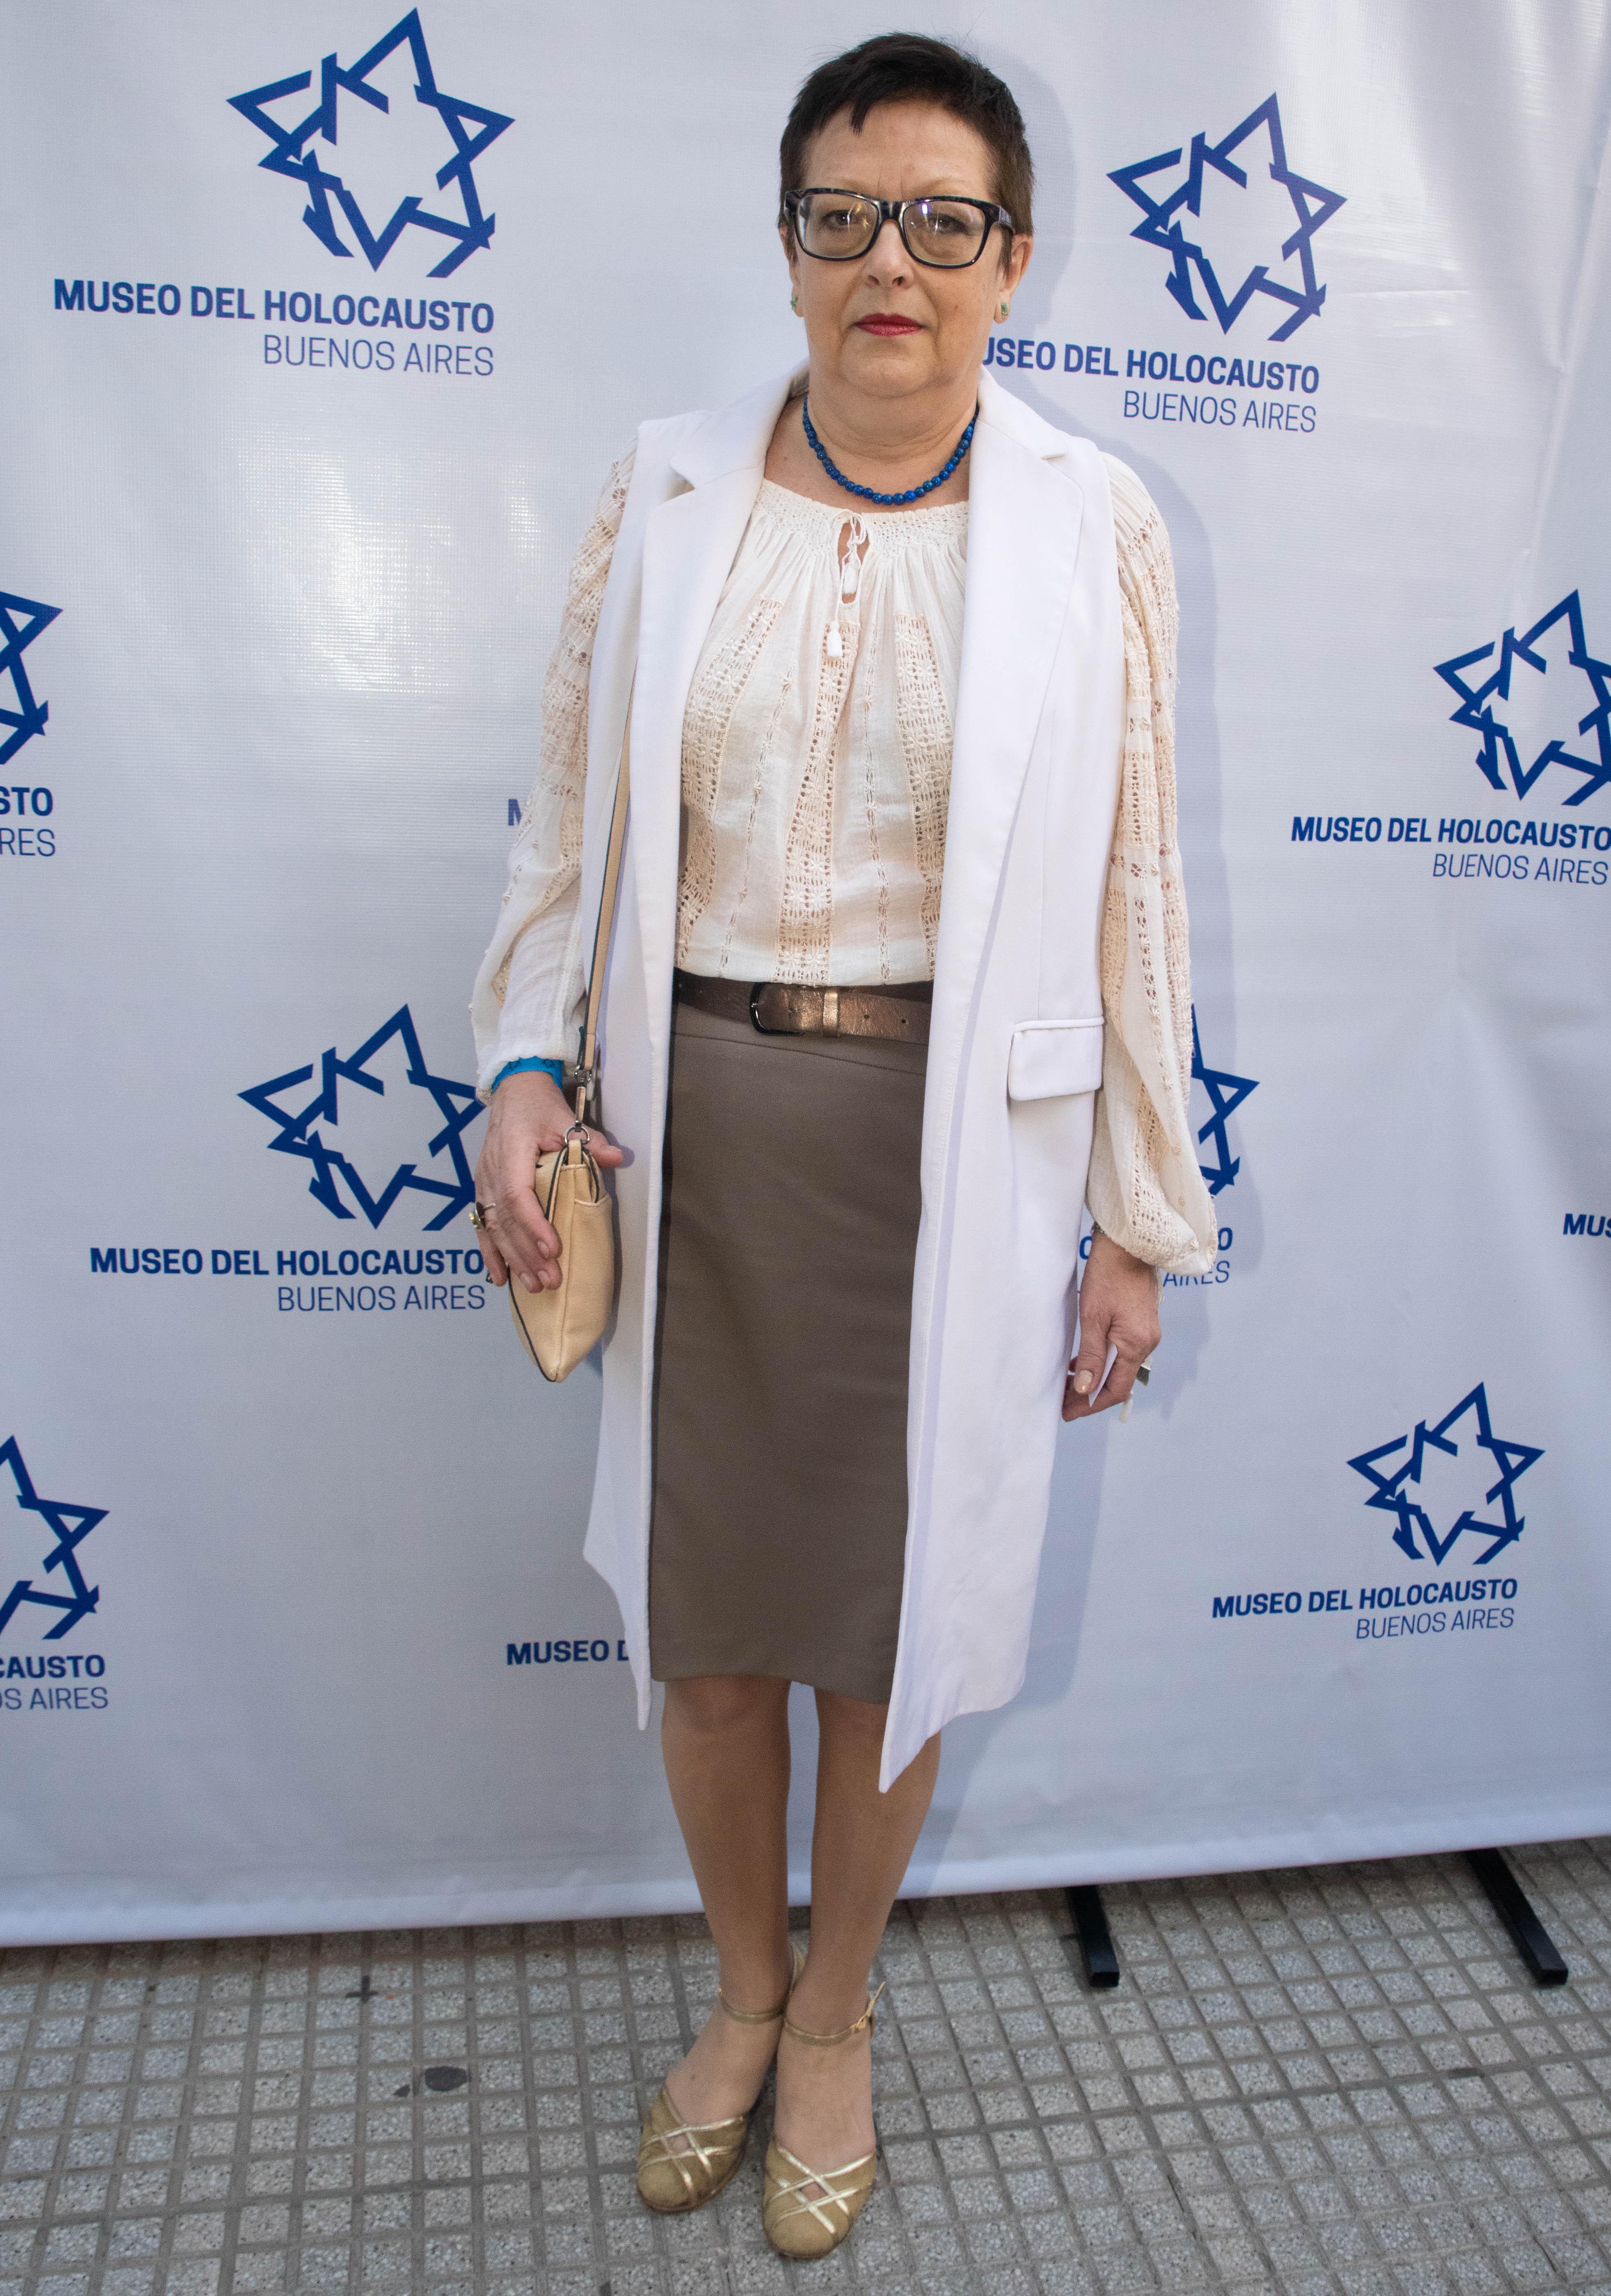 La embajador de Rumania en la Argentina, Carmen Liliana Podgorean